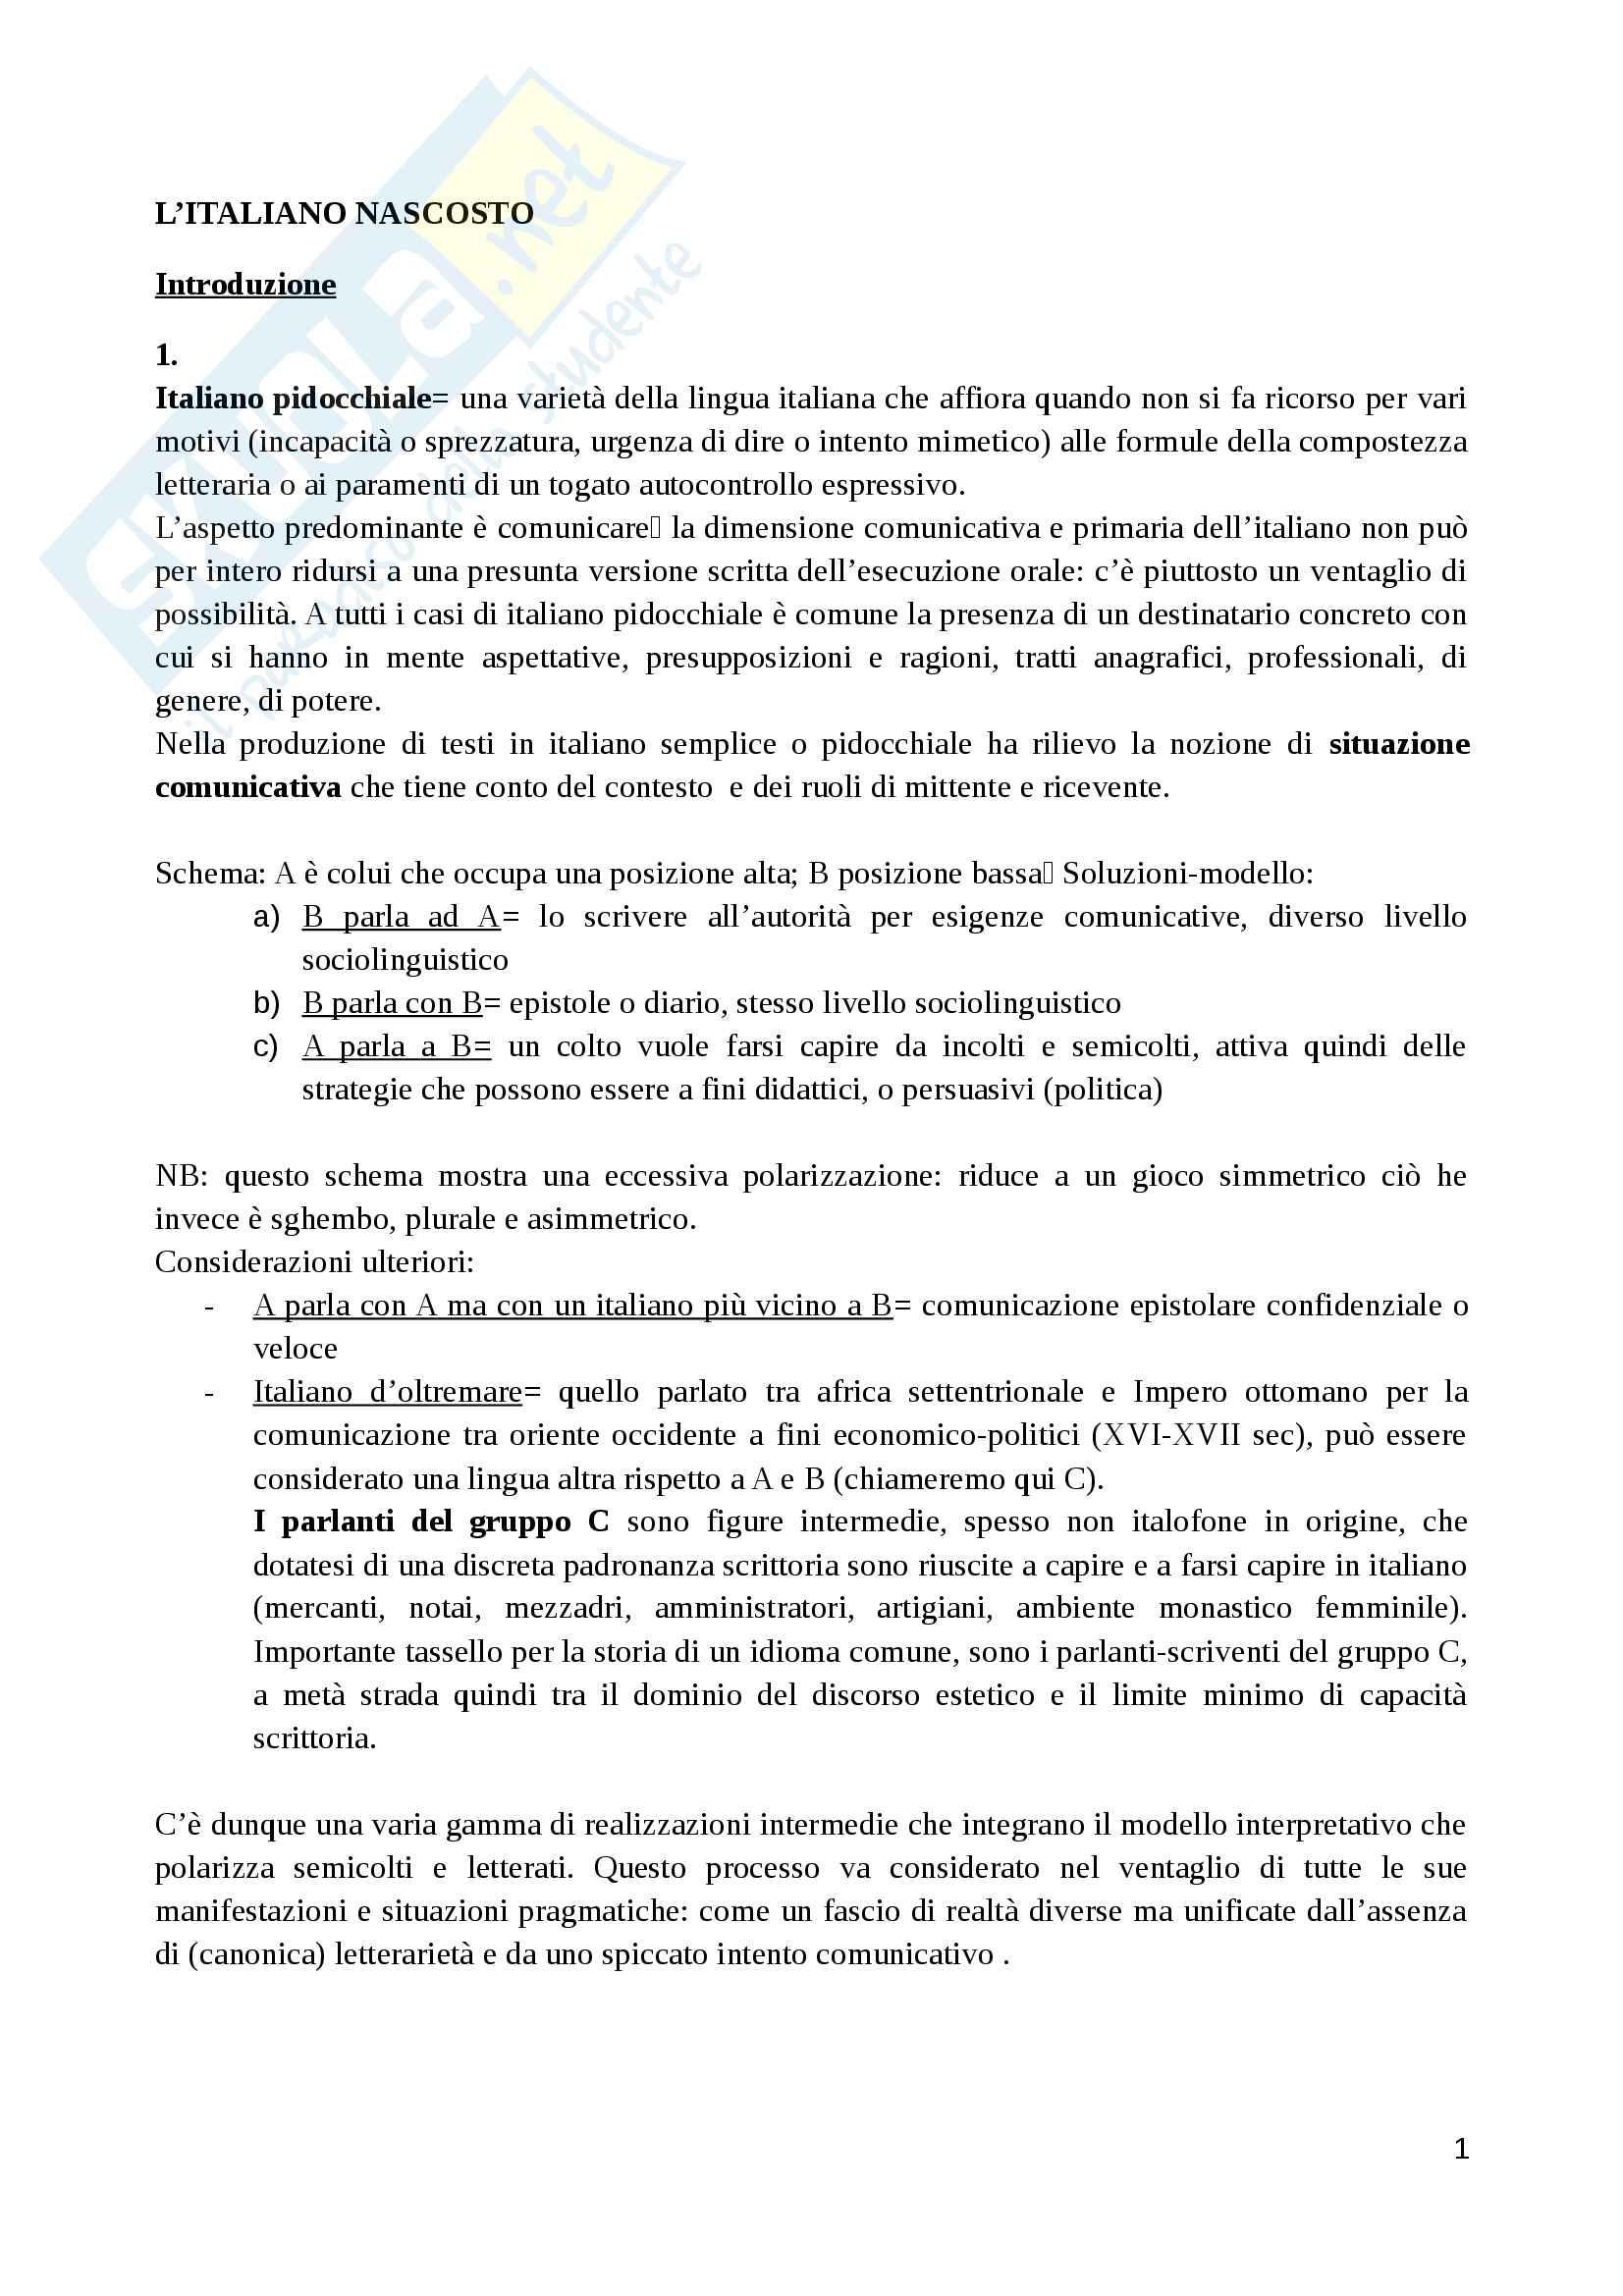 Riassunto esame Lingua e cultura italiana, prof. Viale, libro consigliato L'italiano nascosto, Enrico Testa